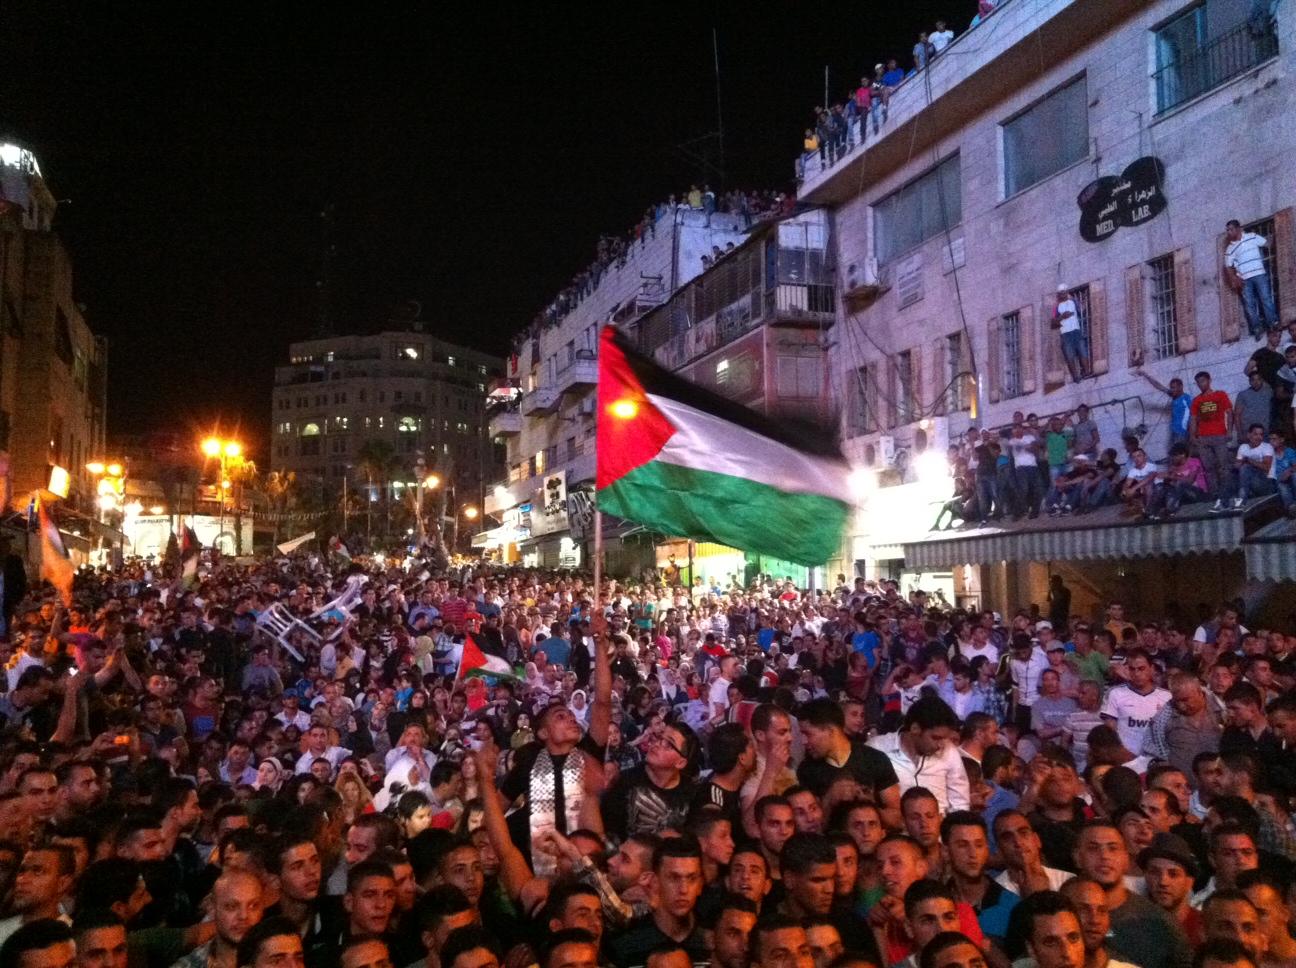 Un drapeau palestinien fièrement brandi au-dessus de la foule à Ramallah le soir de la finale d'Arab Idol www.merblanche.com all rights reserved